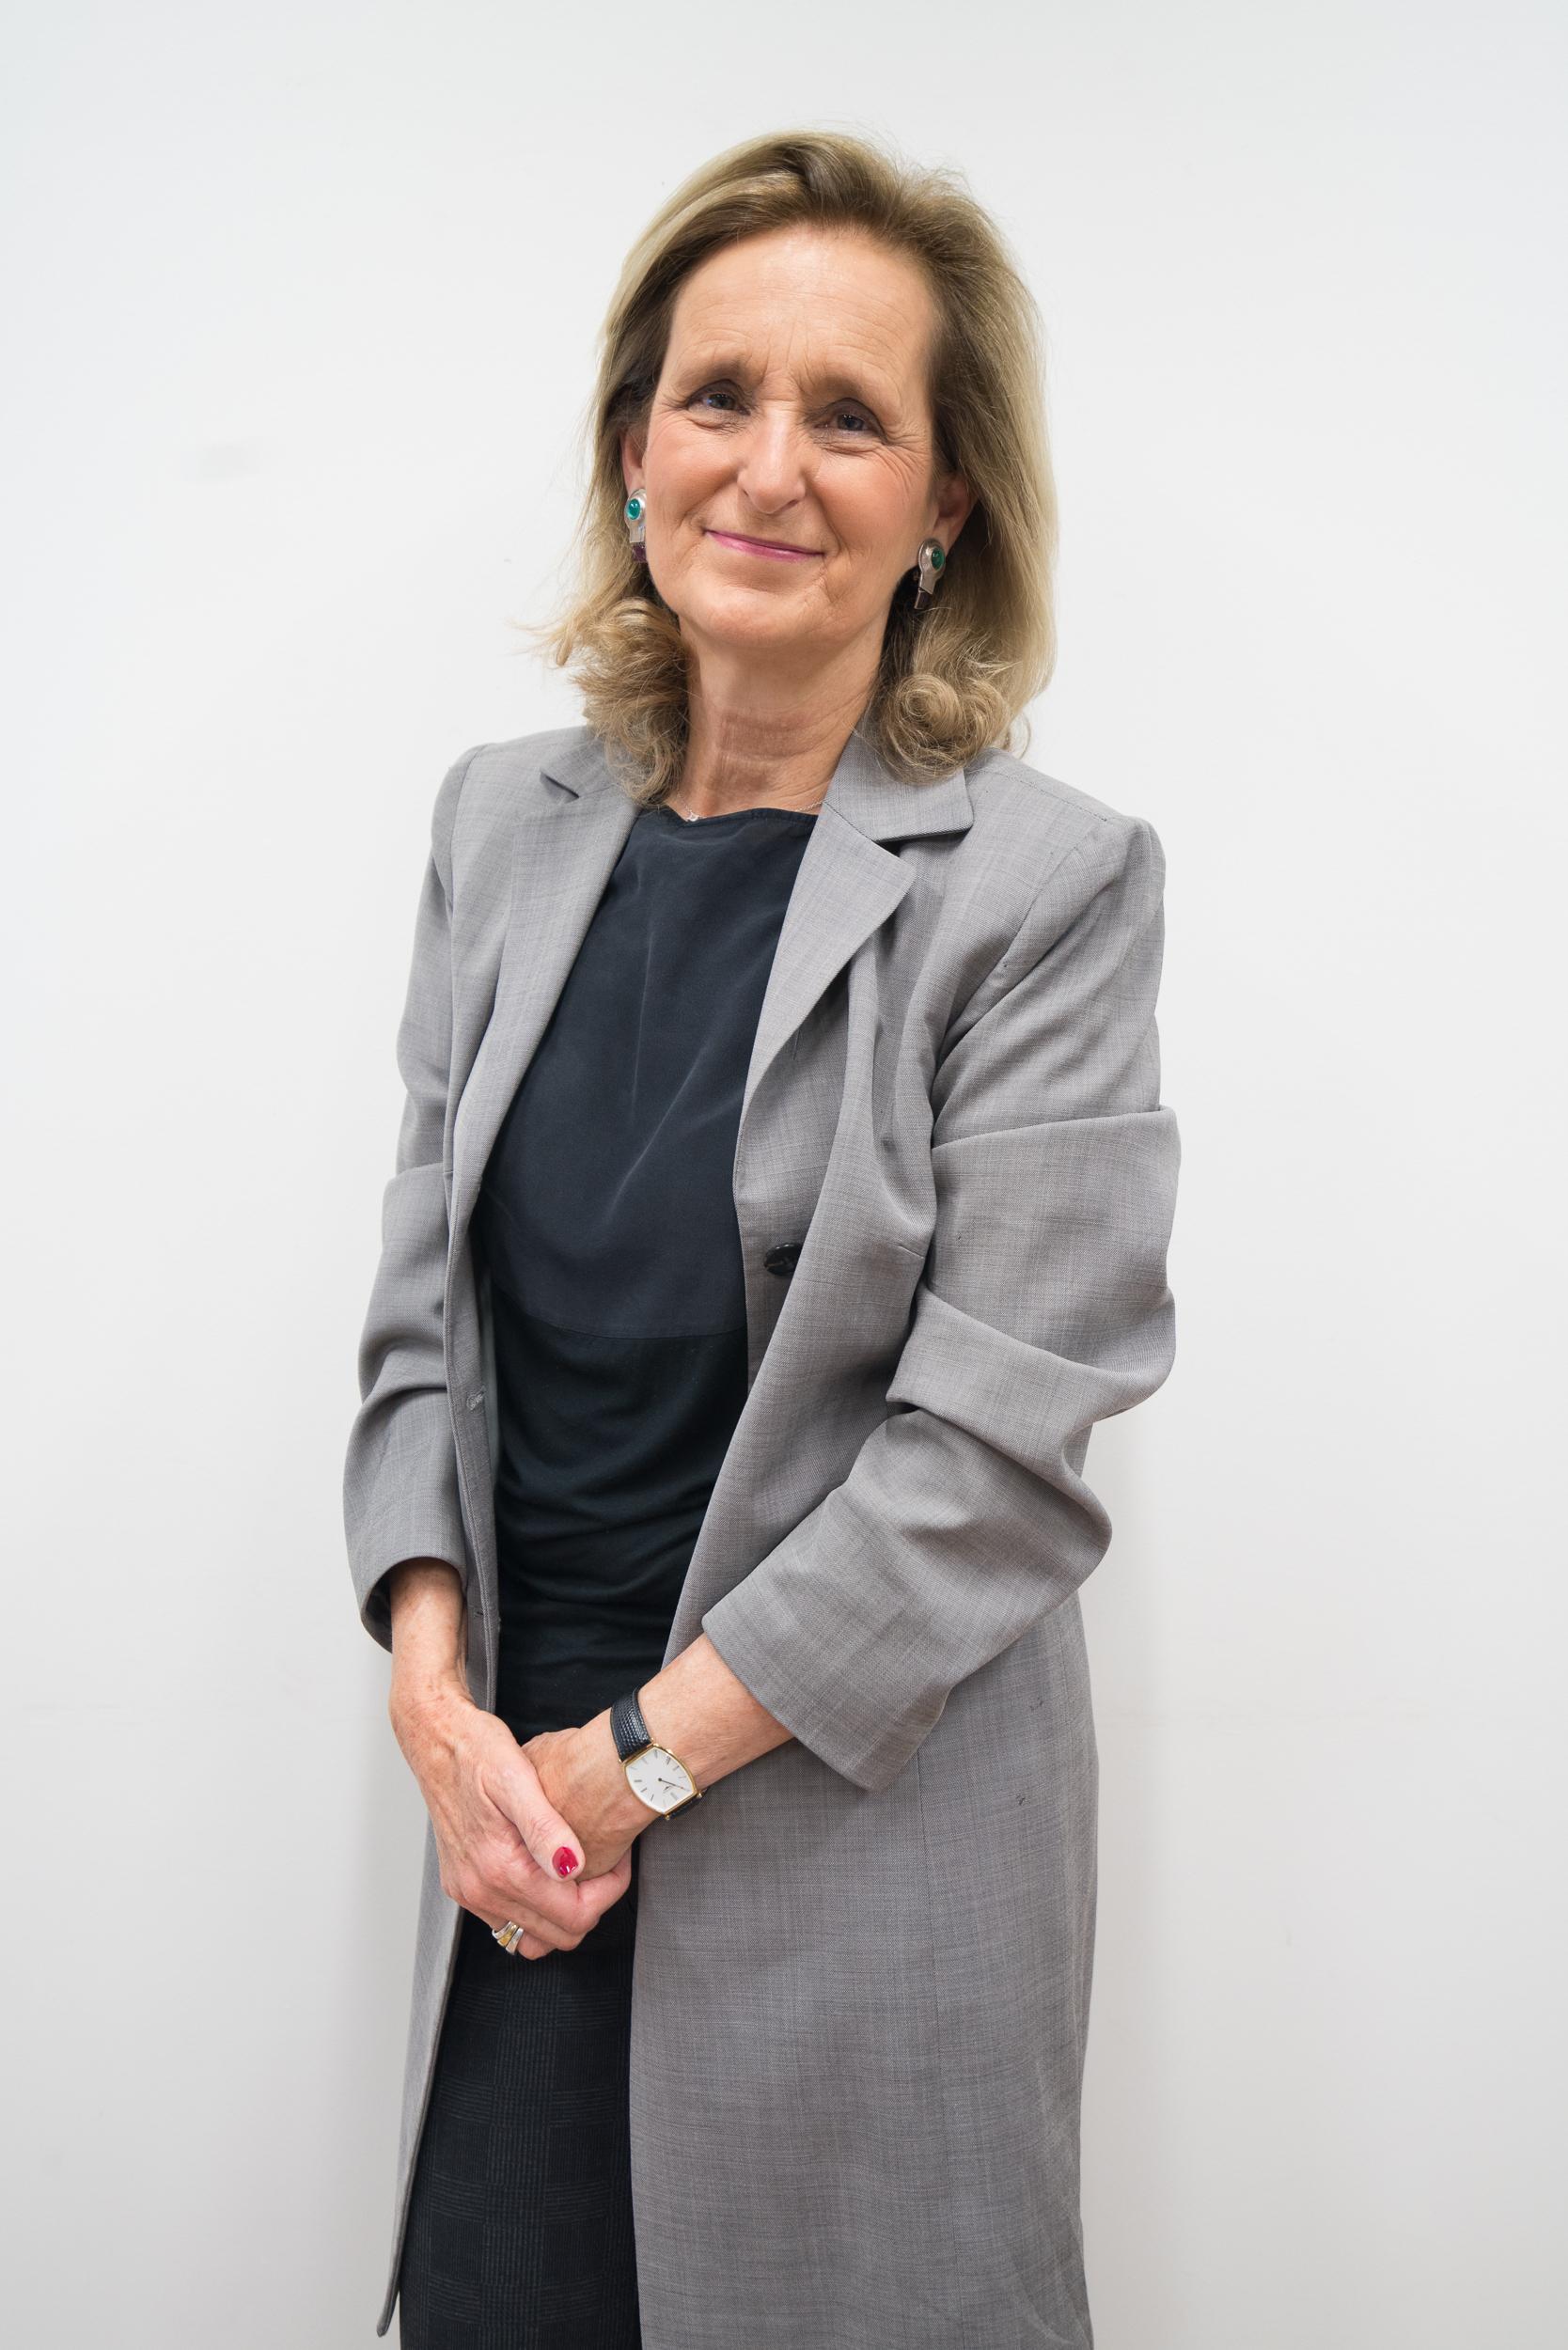 Karen Oyarzun